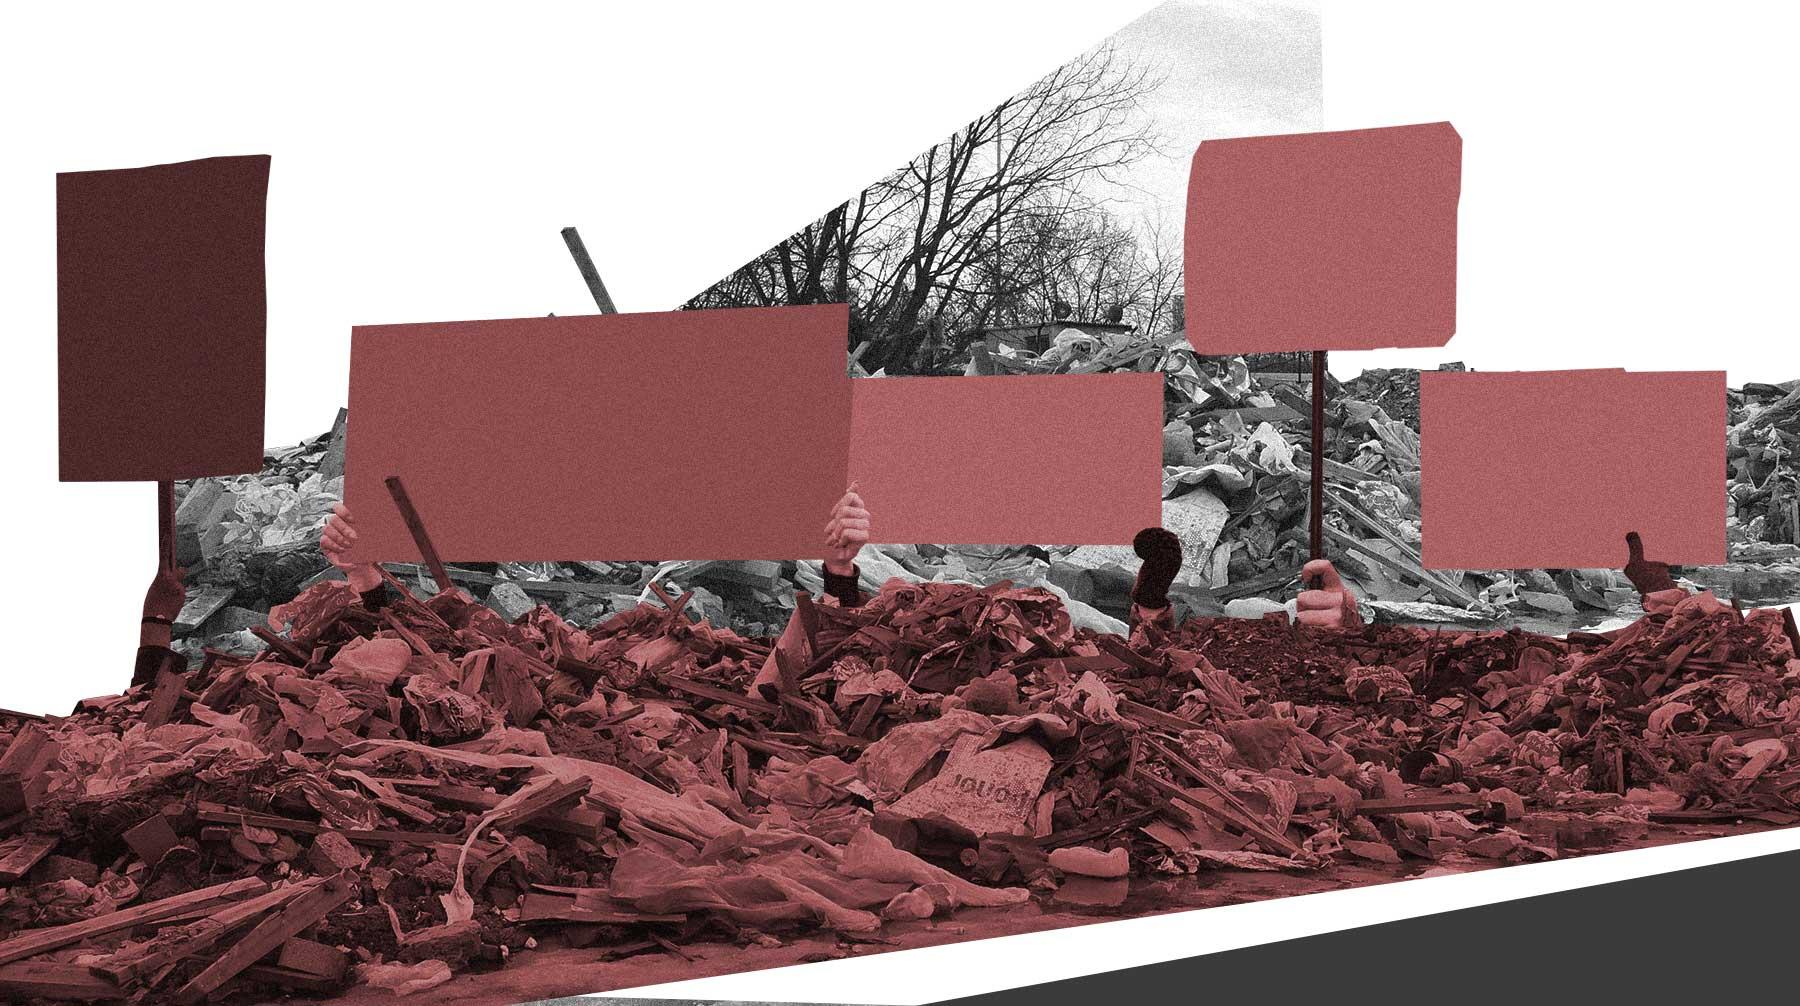 Запланированный на 3 февраля всероссийский протест пройдет под экологическими лозунгами против мусорной реформы